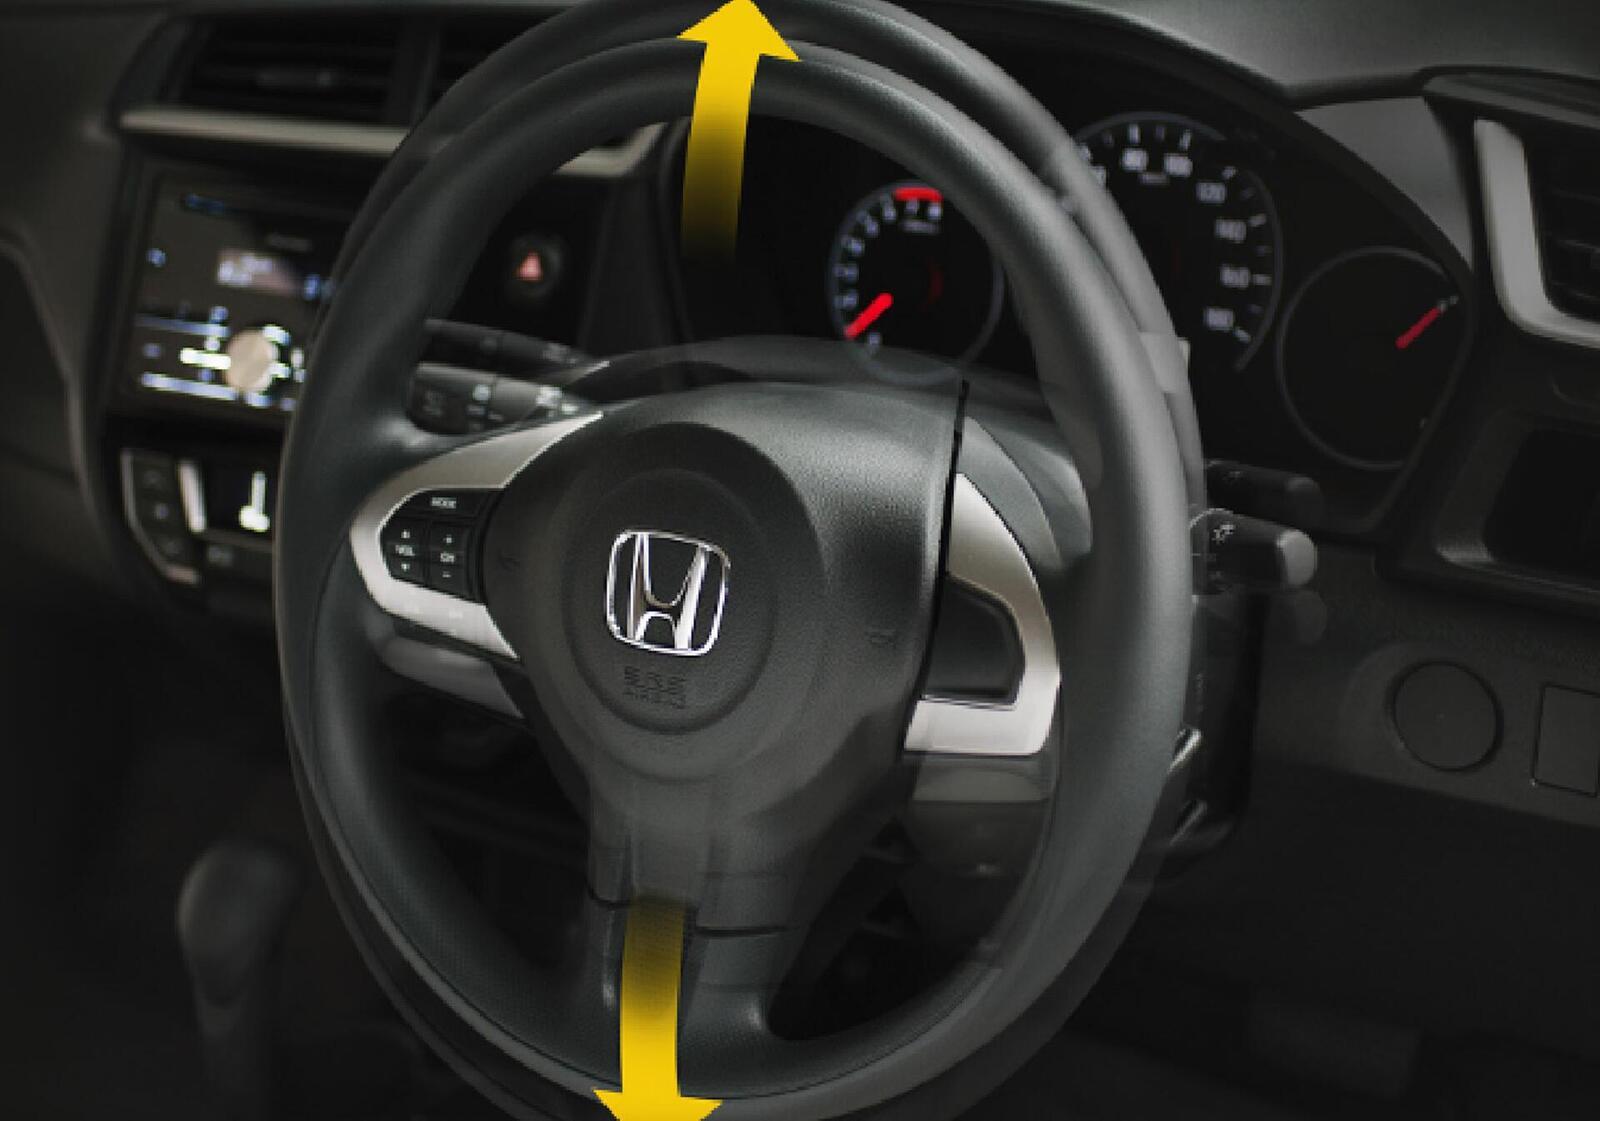 Dự đoán 3 phiên bản Honda Brio sắp ra mắt vào ngày 18.06 sắp tới - Hình 14